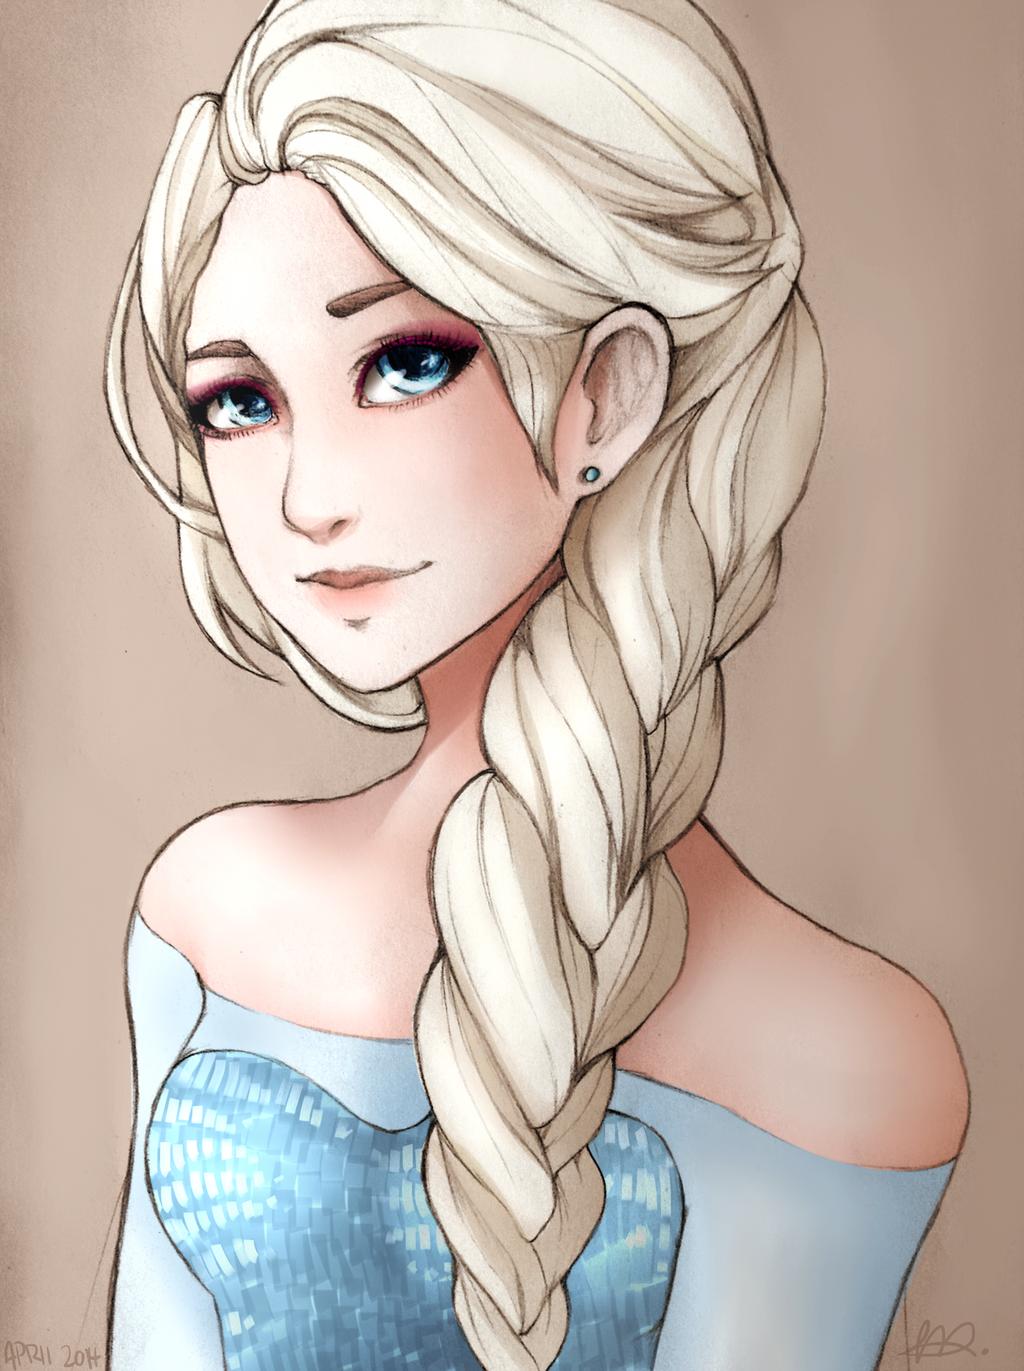 Queen Elsa (BUY AS PRINT - SEE DESC.) by Maxxie-Delu